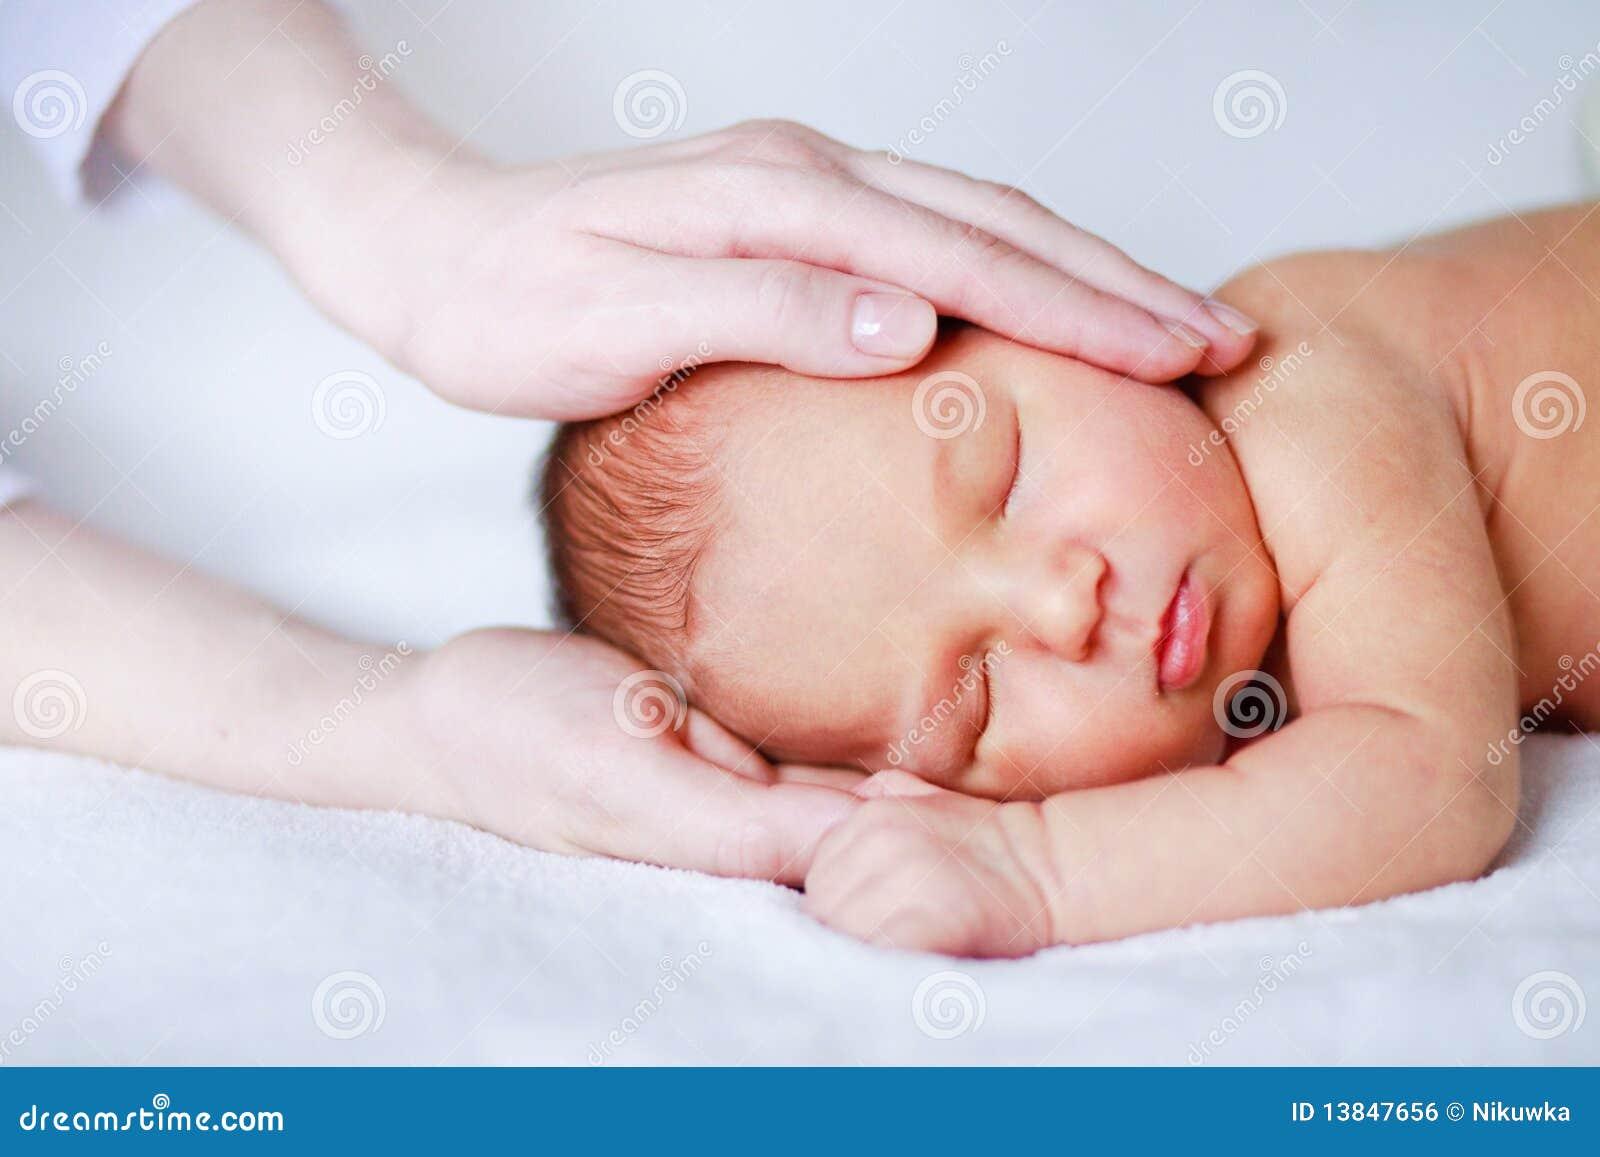 Почему грудной ребенок плачет когда засыпает